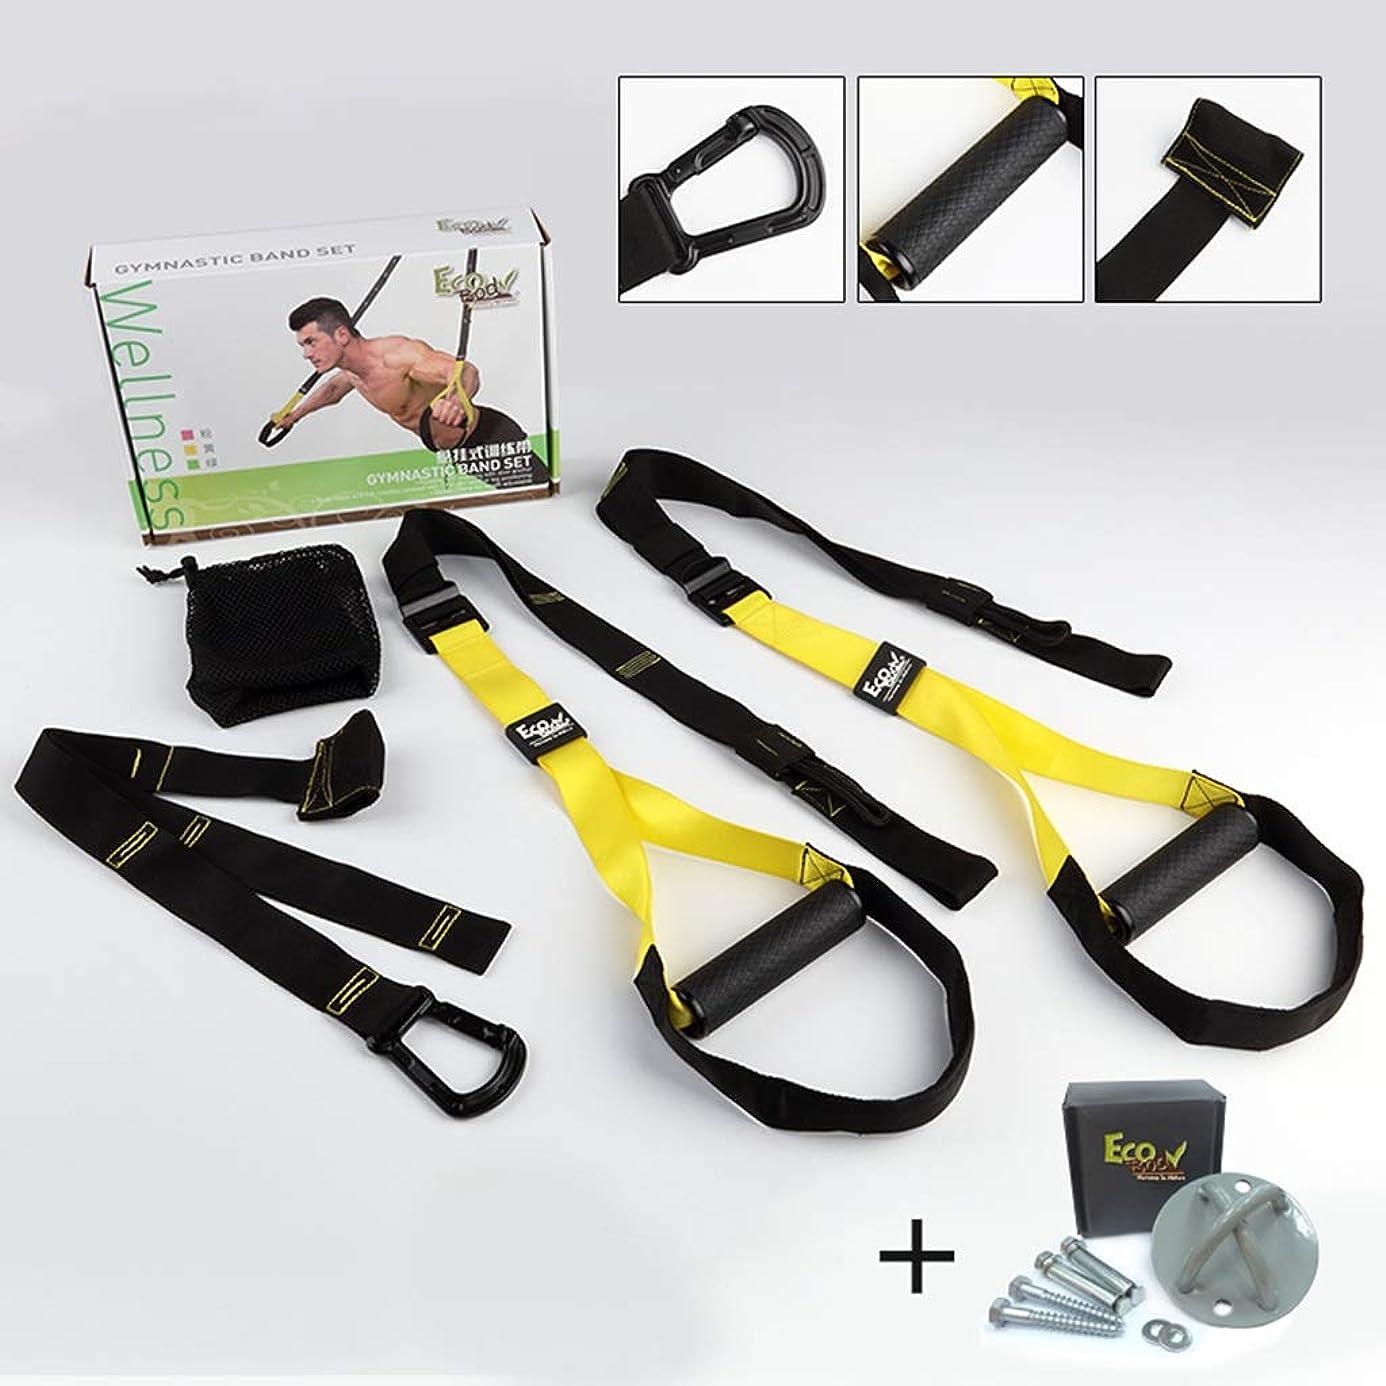 カレンダー消費突破口プルロープ男性の胸の抵抗運動家スクワットフィットネス機器と吊り訓練 (色 : Fitness package+fixed disk)